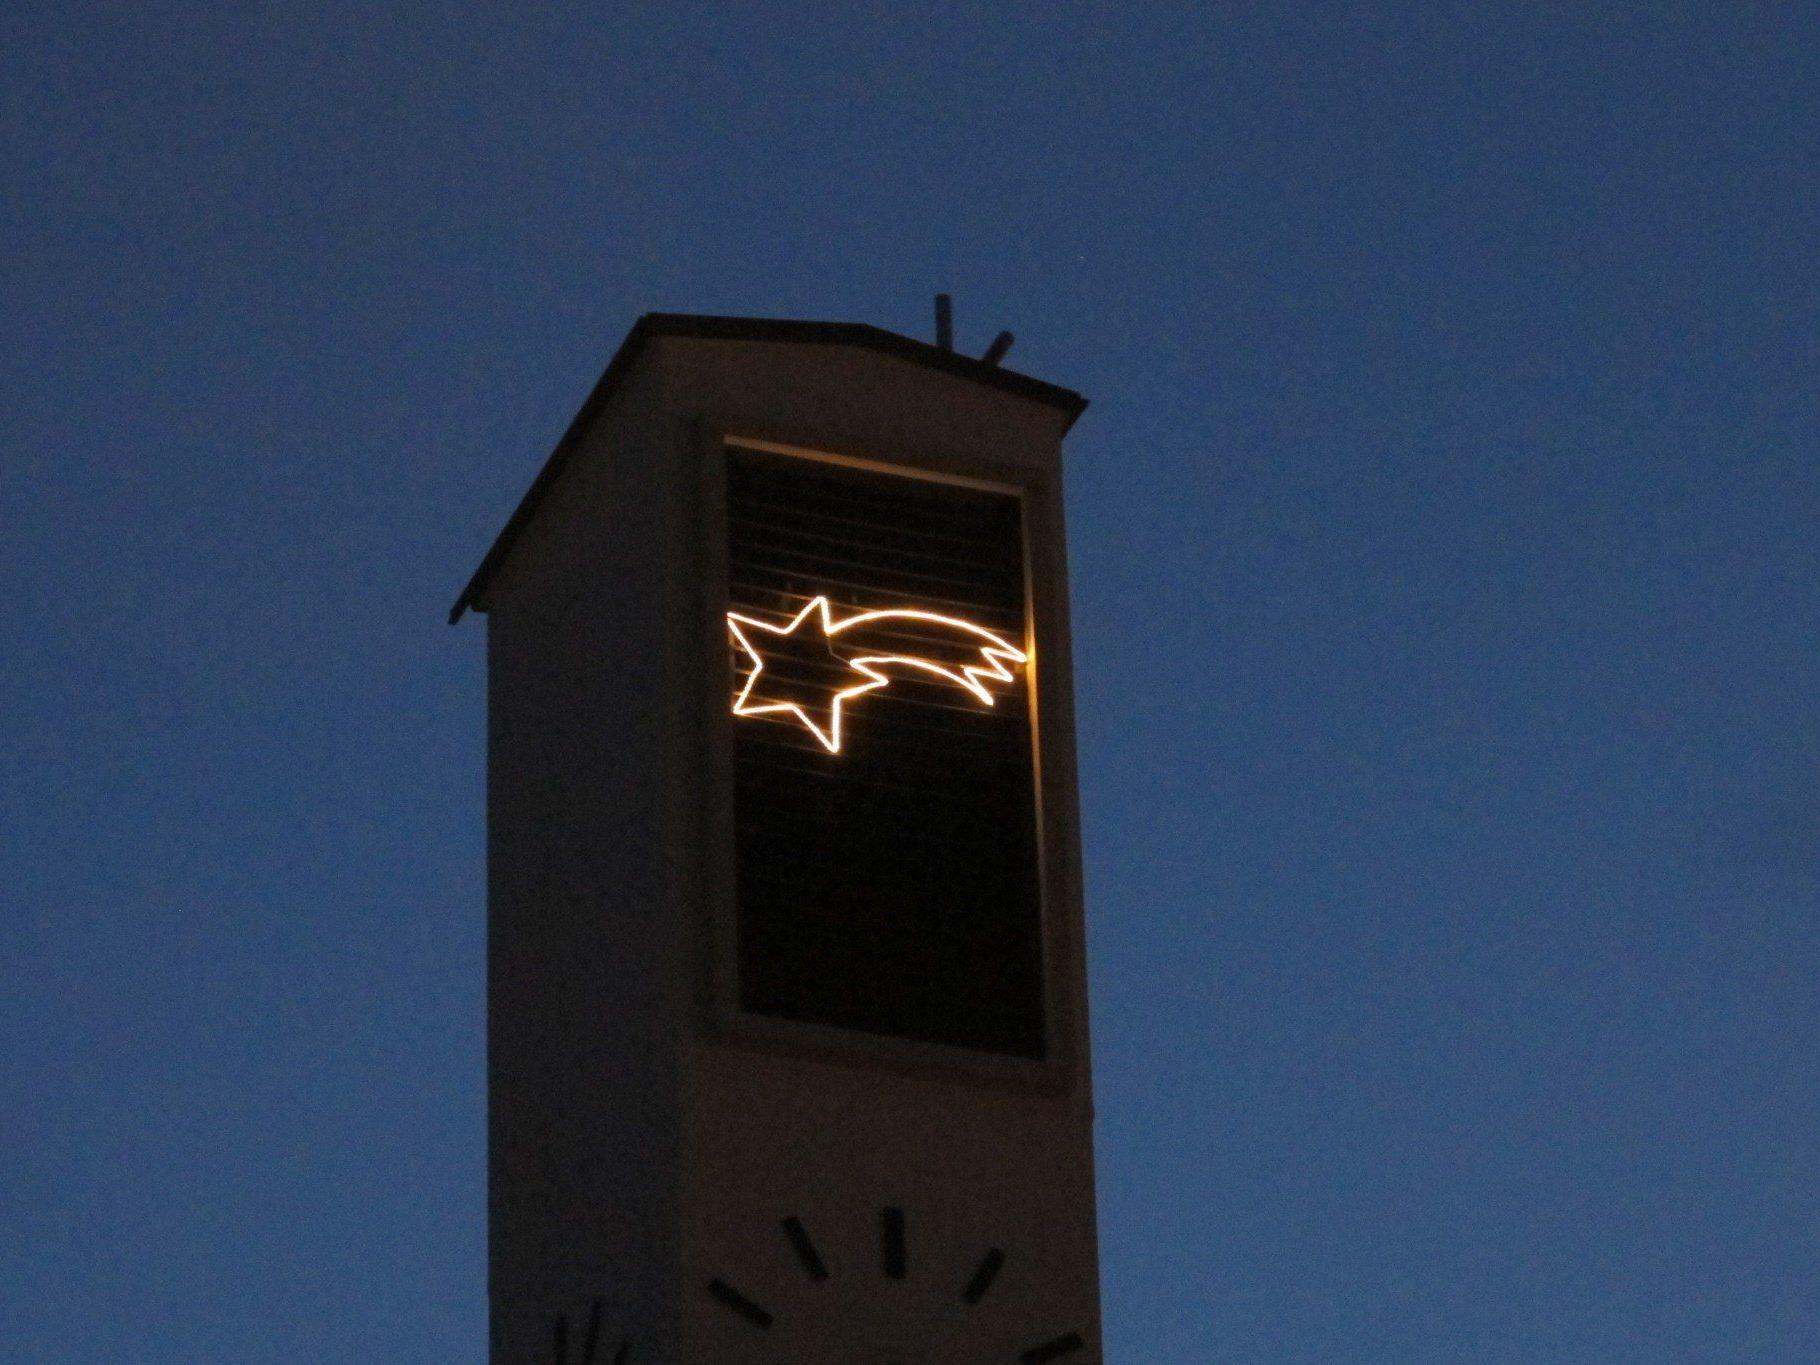 Bereits bei der Ortseinfahrt ist der leuchtende Stern am Kirchturm zu sehen.